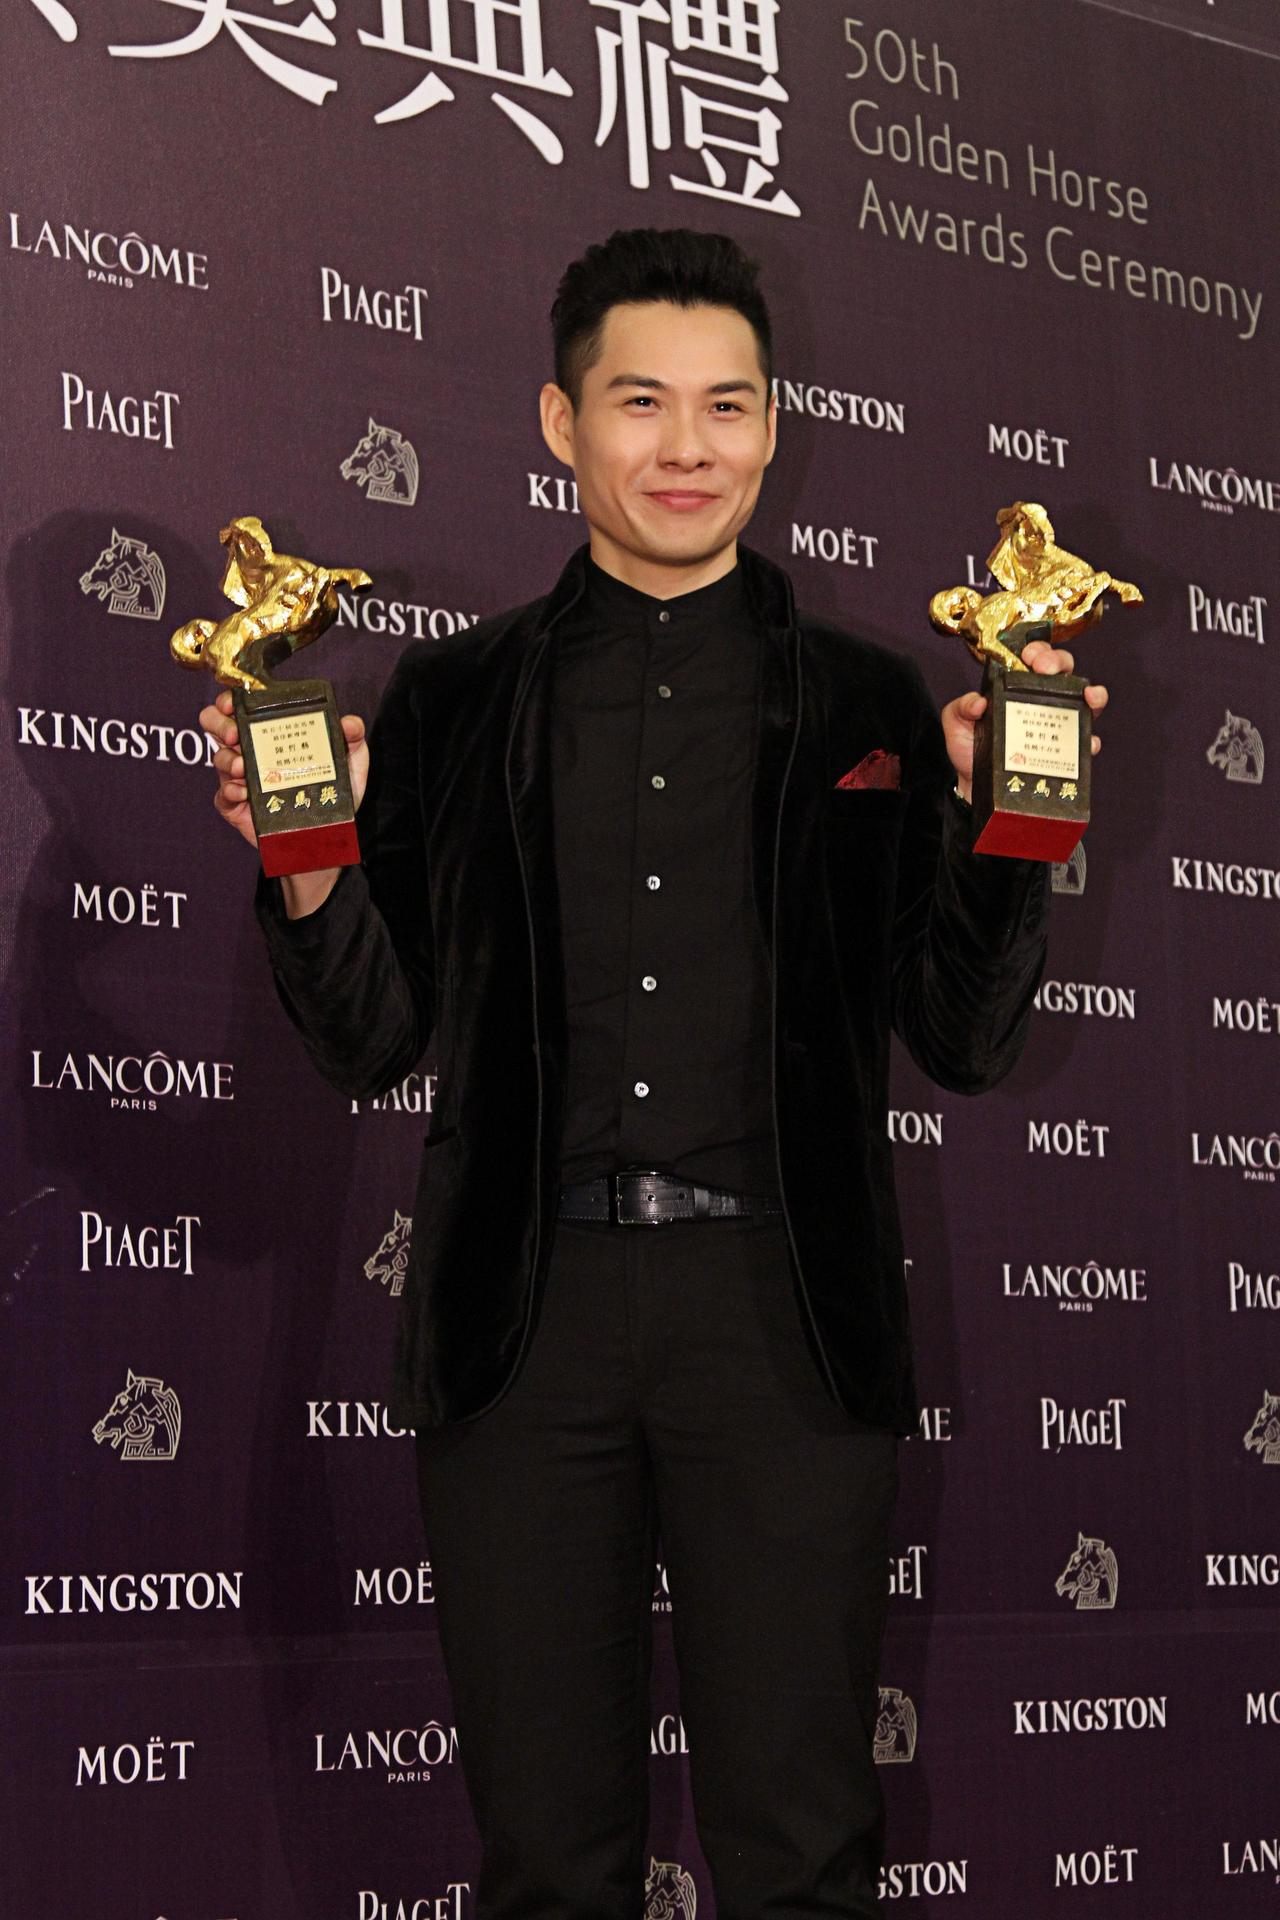 榮獲金馬獎第五十屆最佳新導演獎、最佳原著劇本獎、最佳劇情片獎以及伯爵年度優秀獎(...